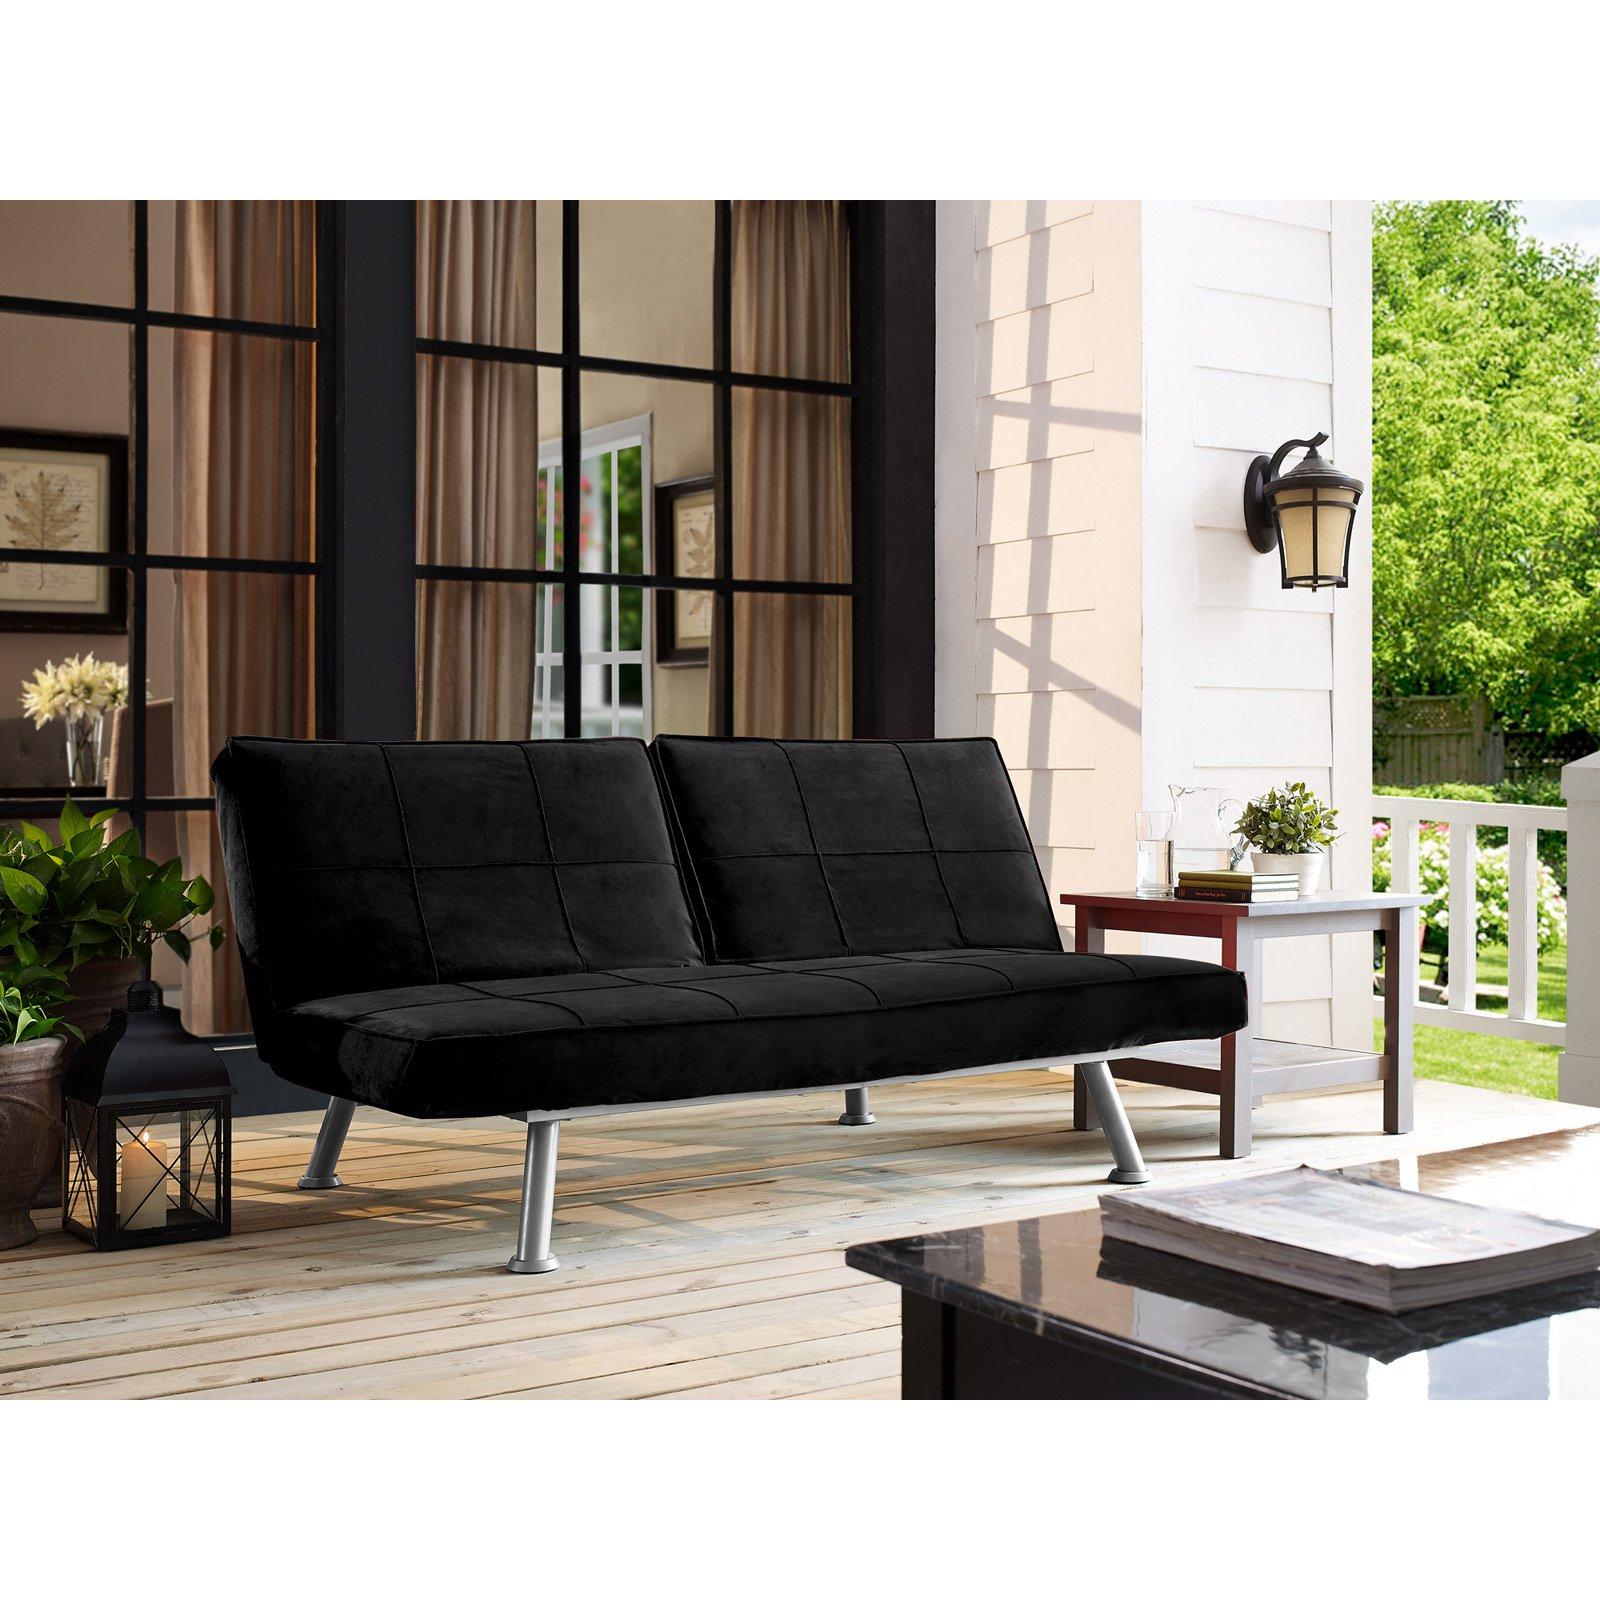 Serta Marshall Dream Convertible Sofa